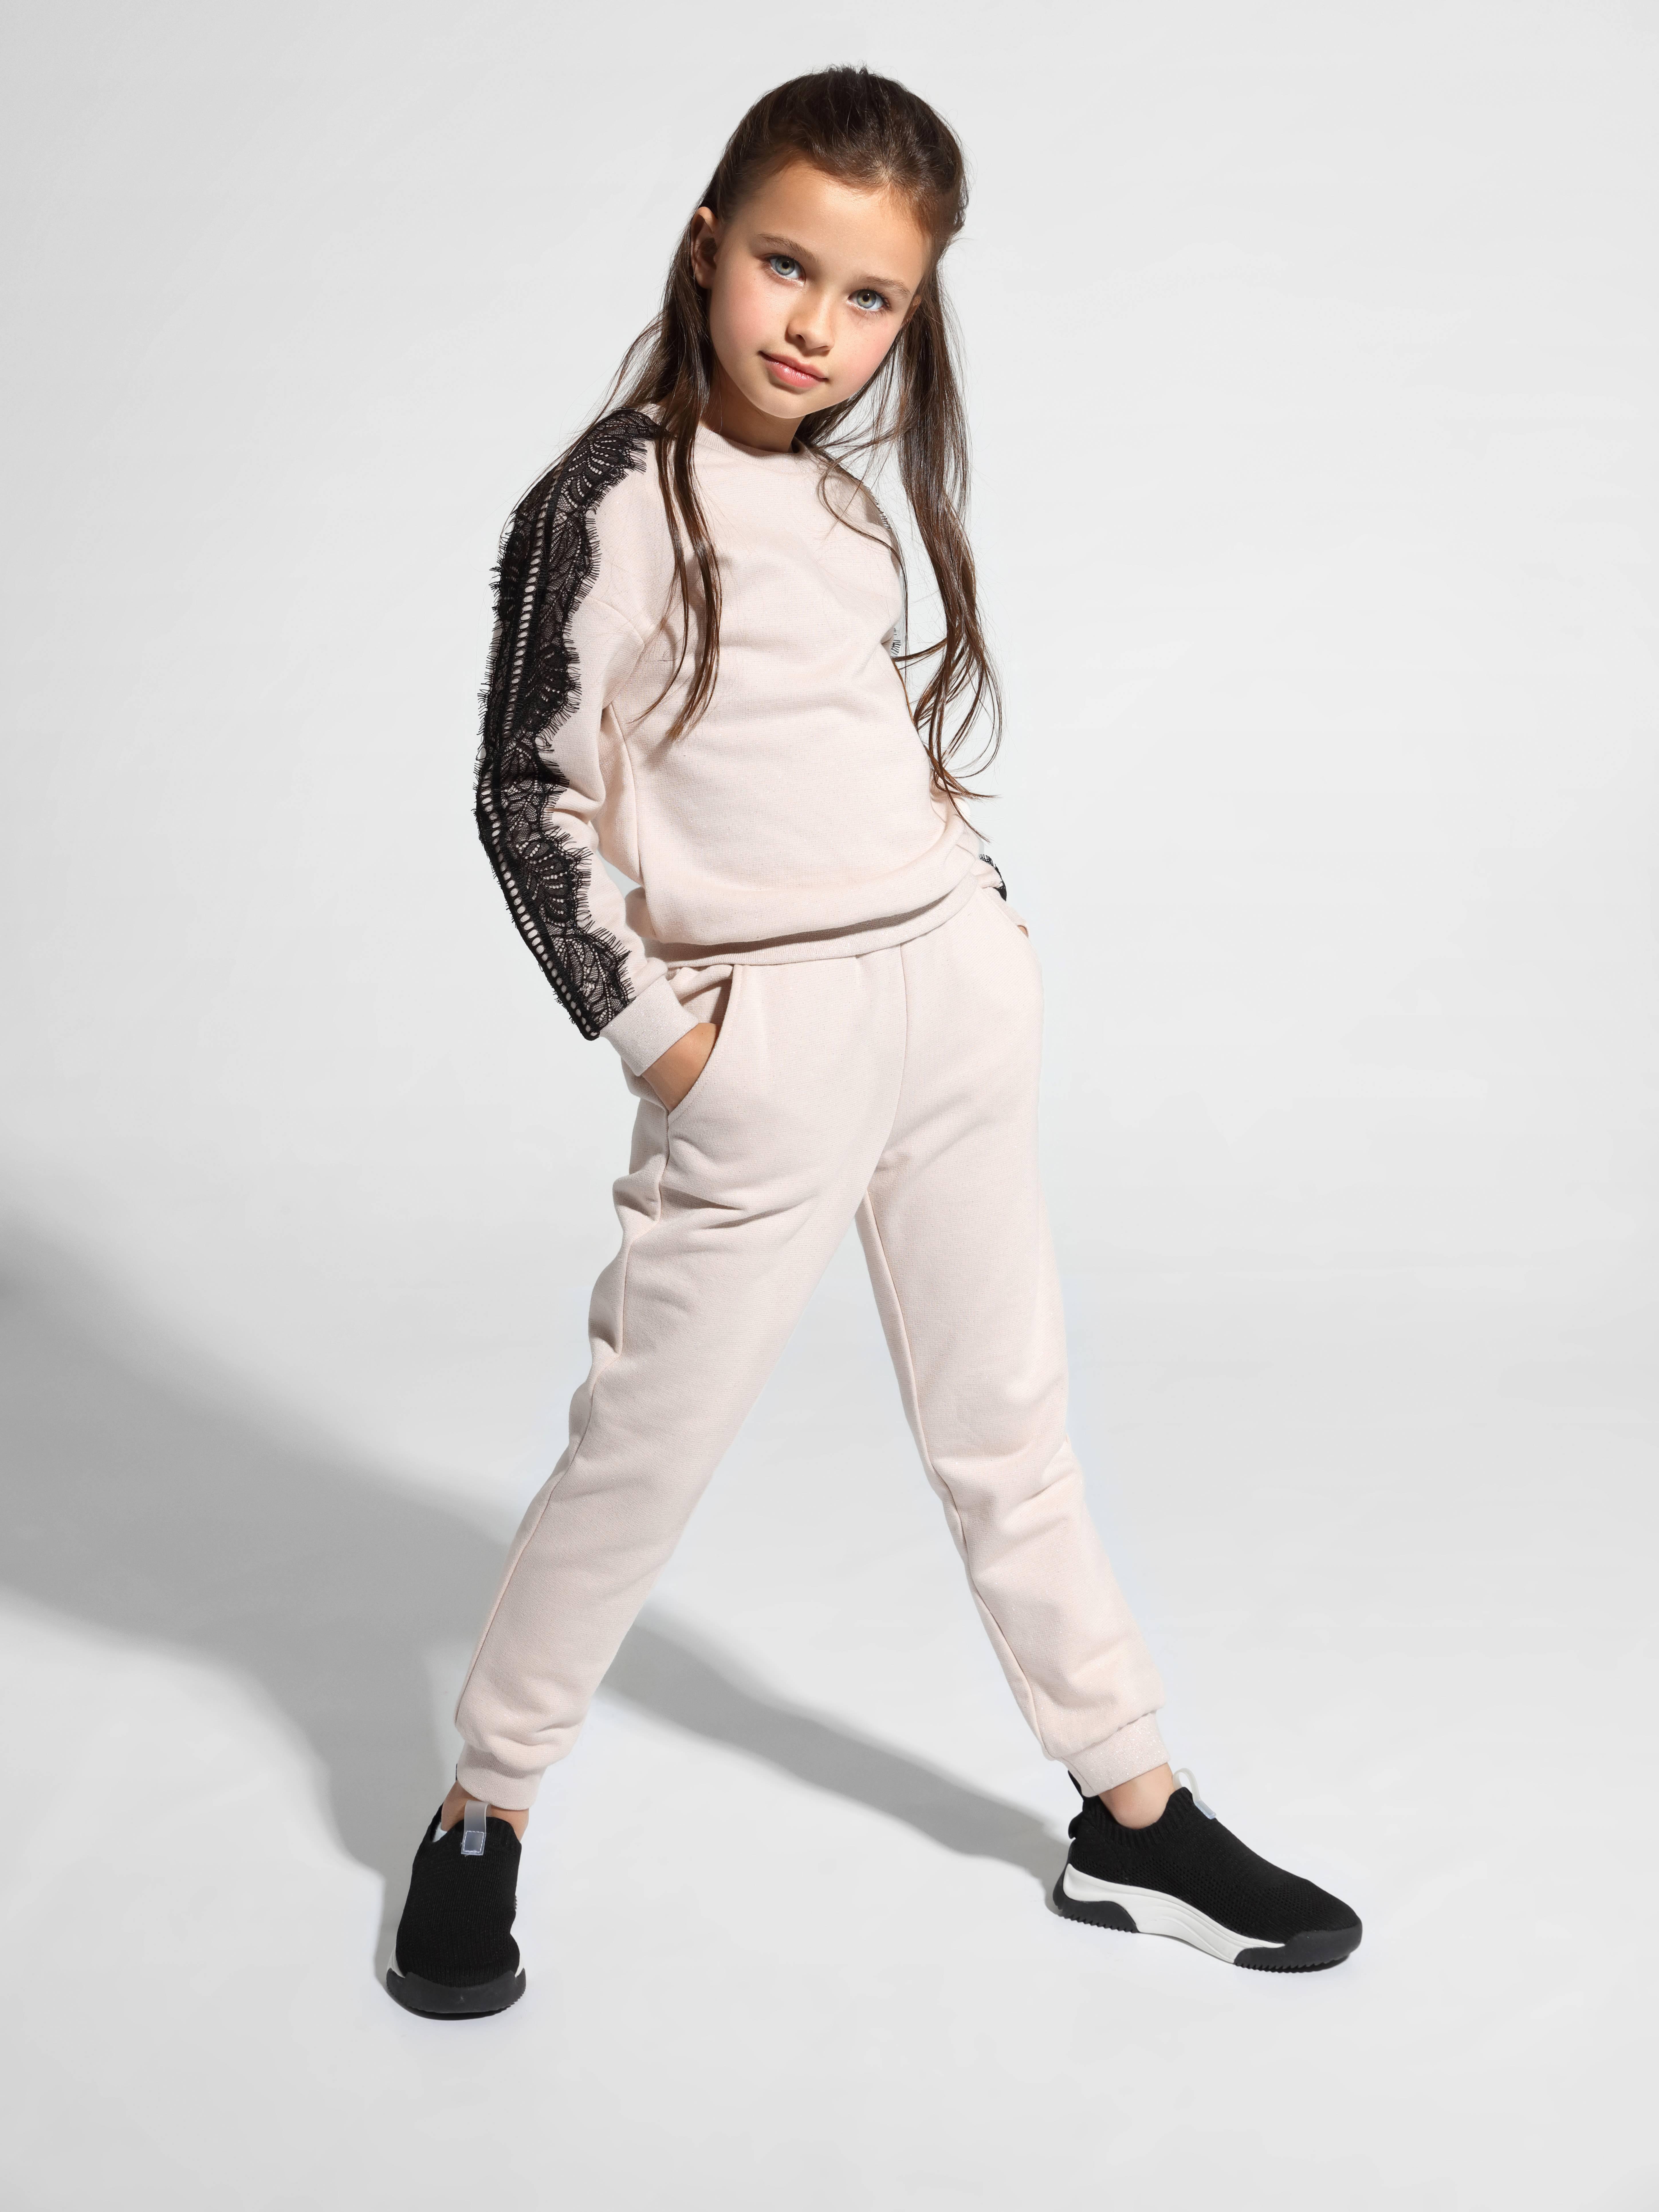 Фото 2 - Брюки для девочки ⭐️ Джоггеры MINI ORA с легким мерцанием люрекса ⭐️ цвет shiny black